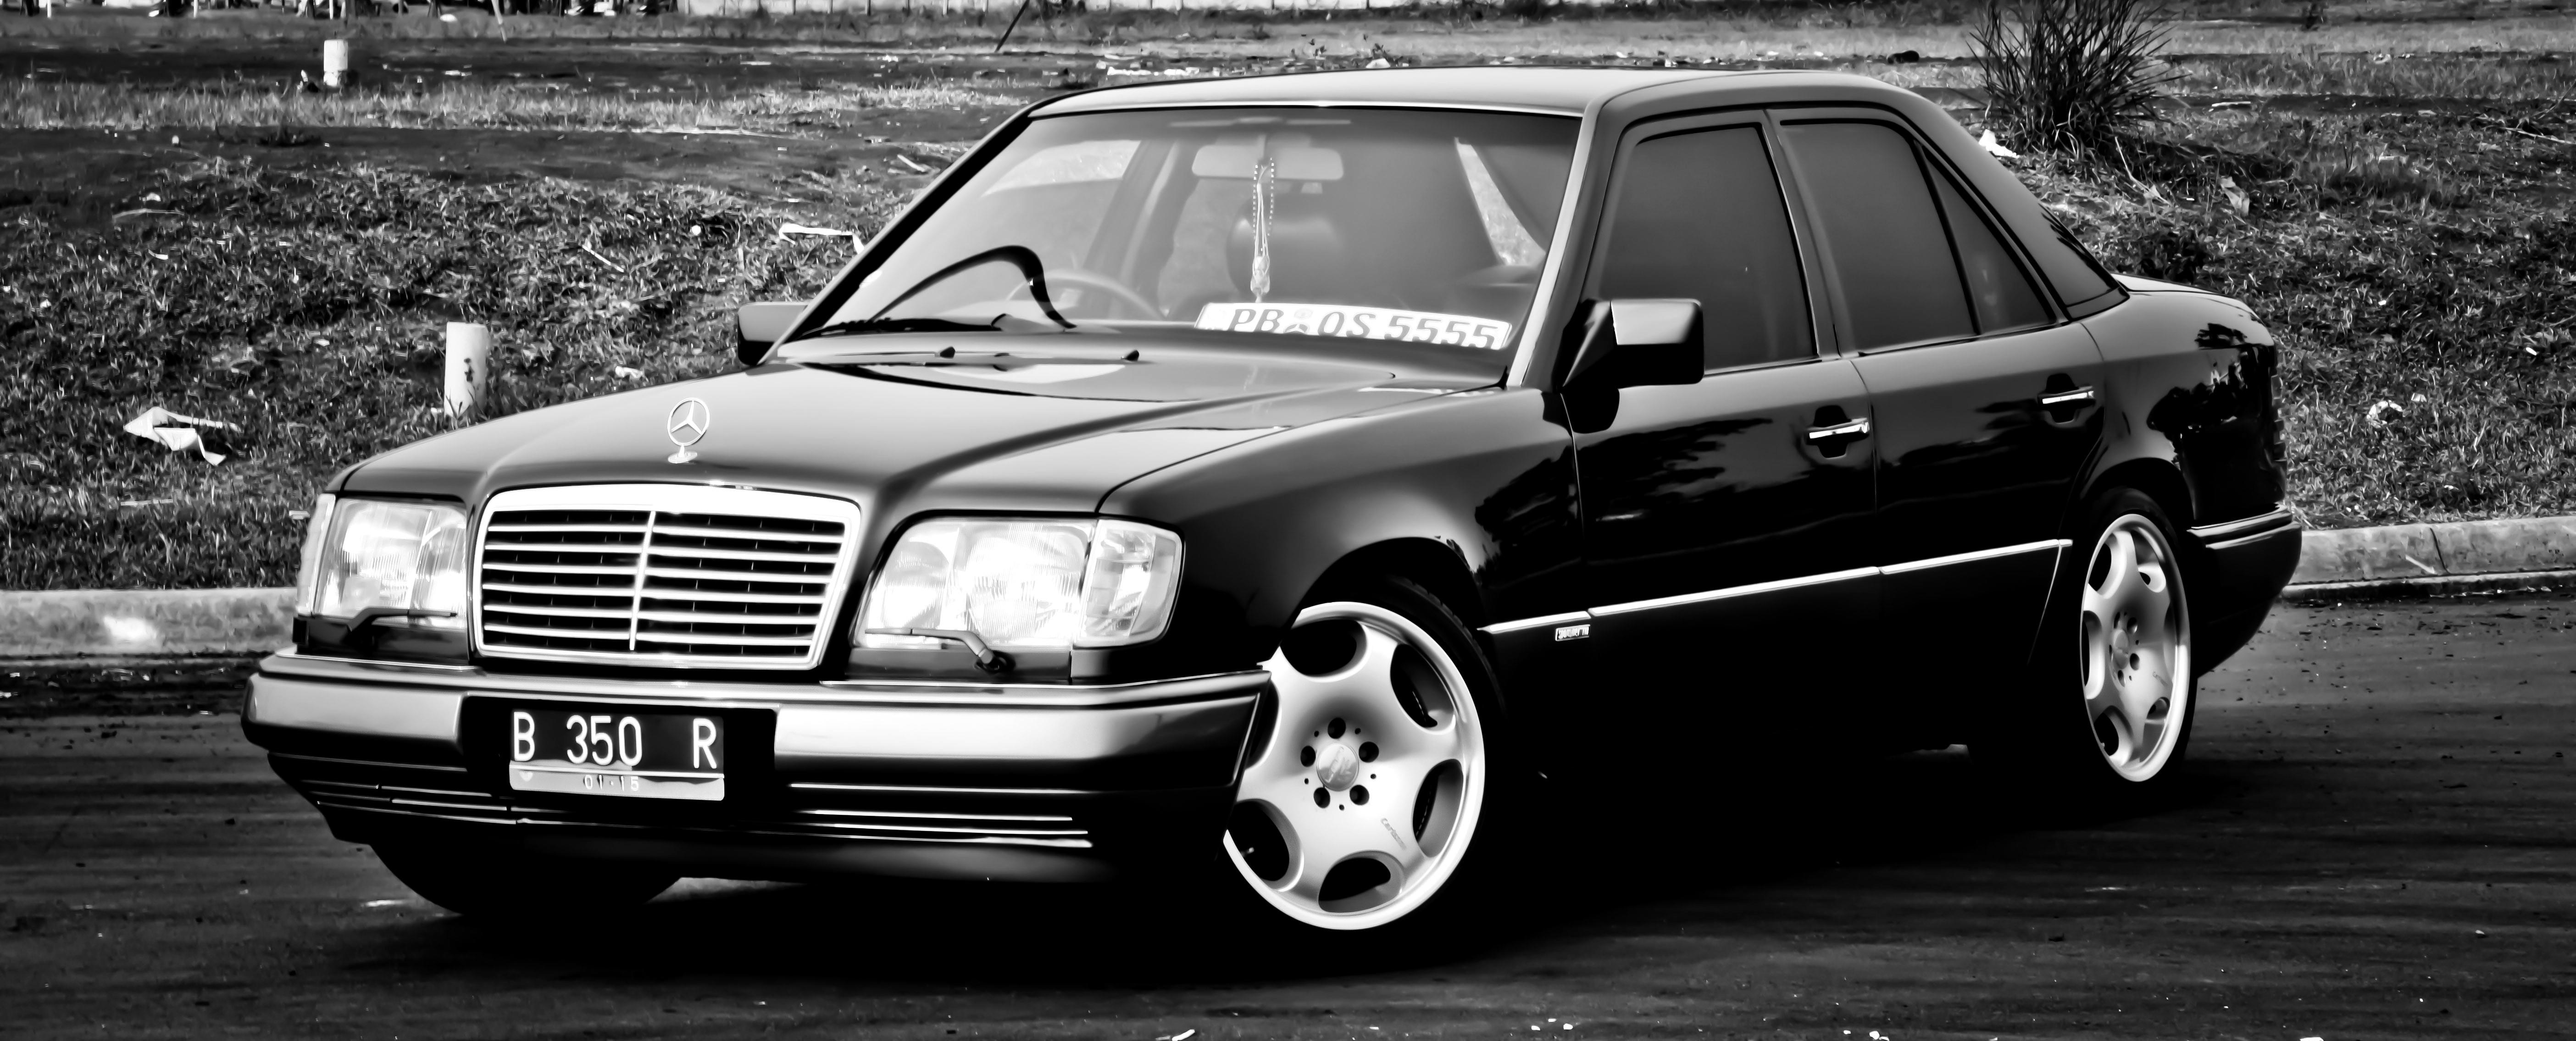 Mercedes benz w124 wallpaper hd download for Mercedes benz of brooklyn